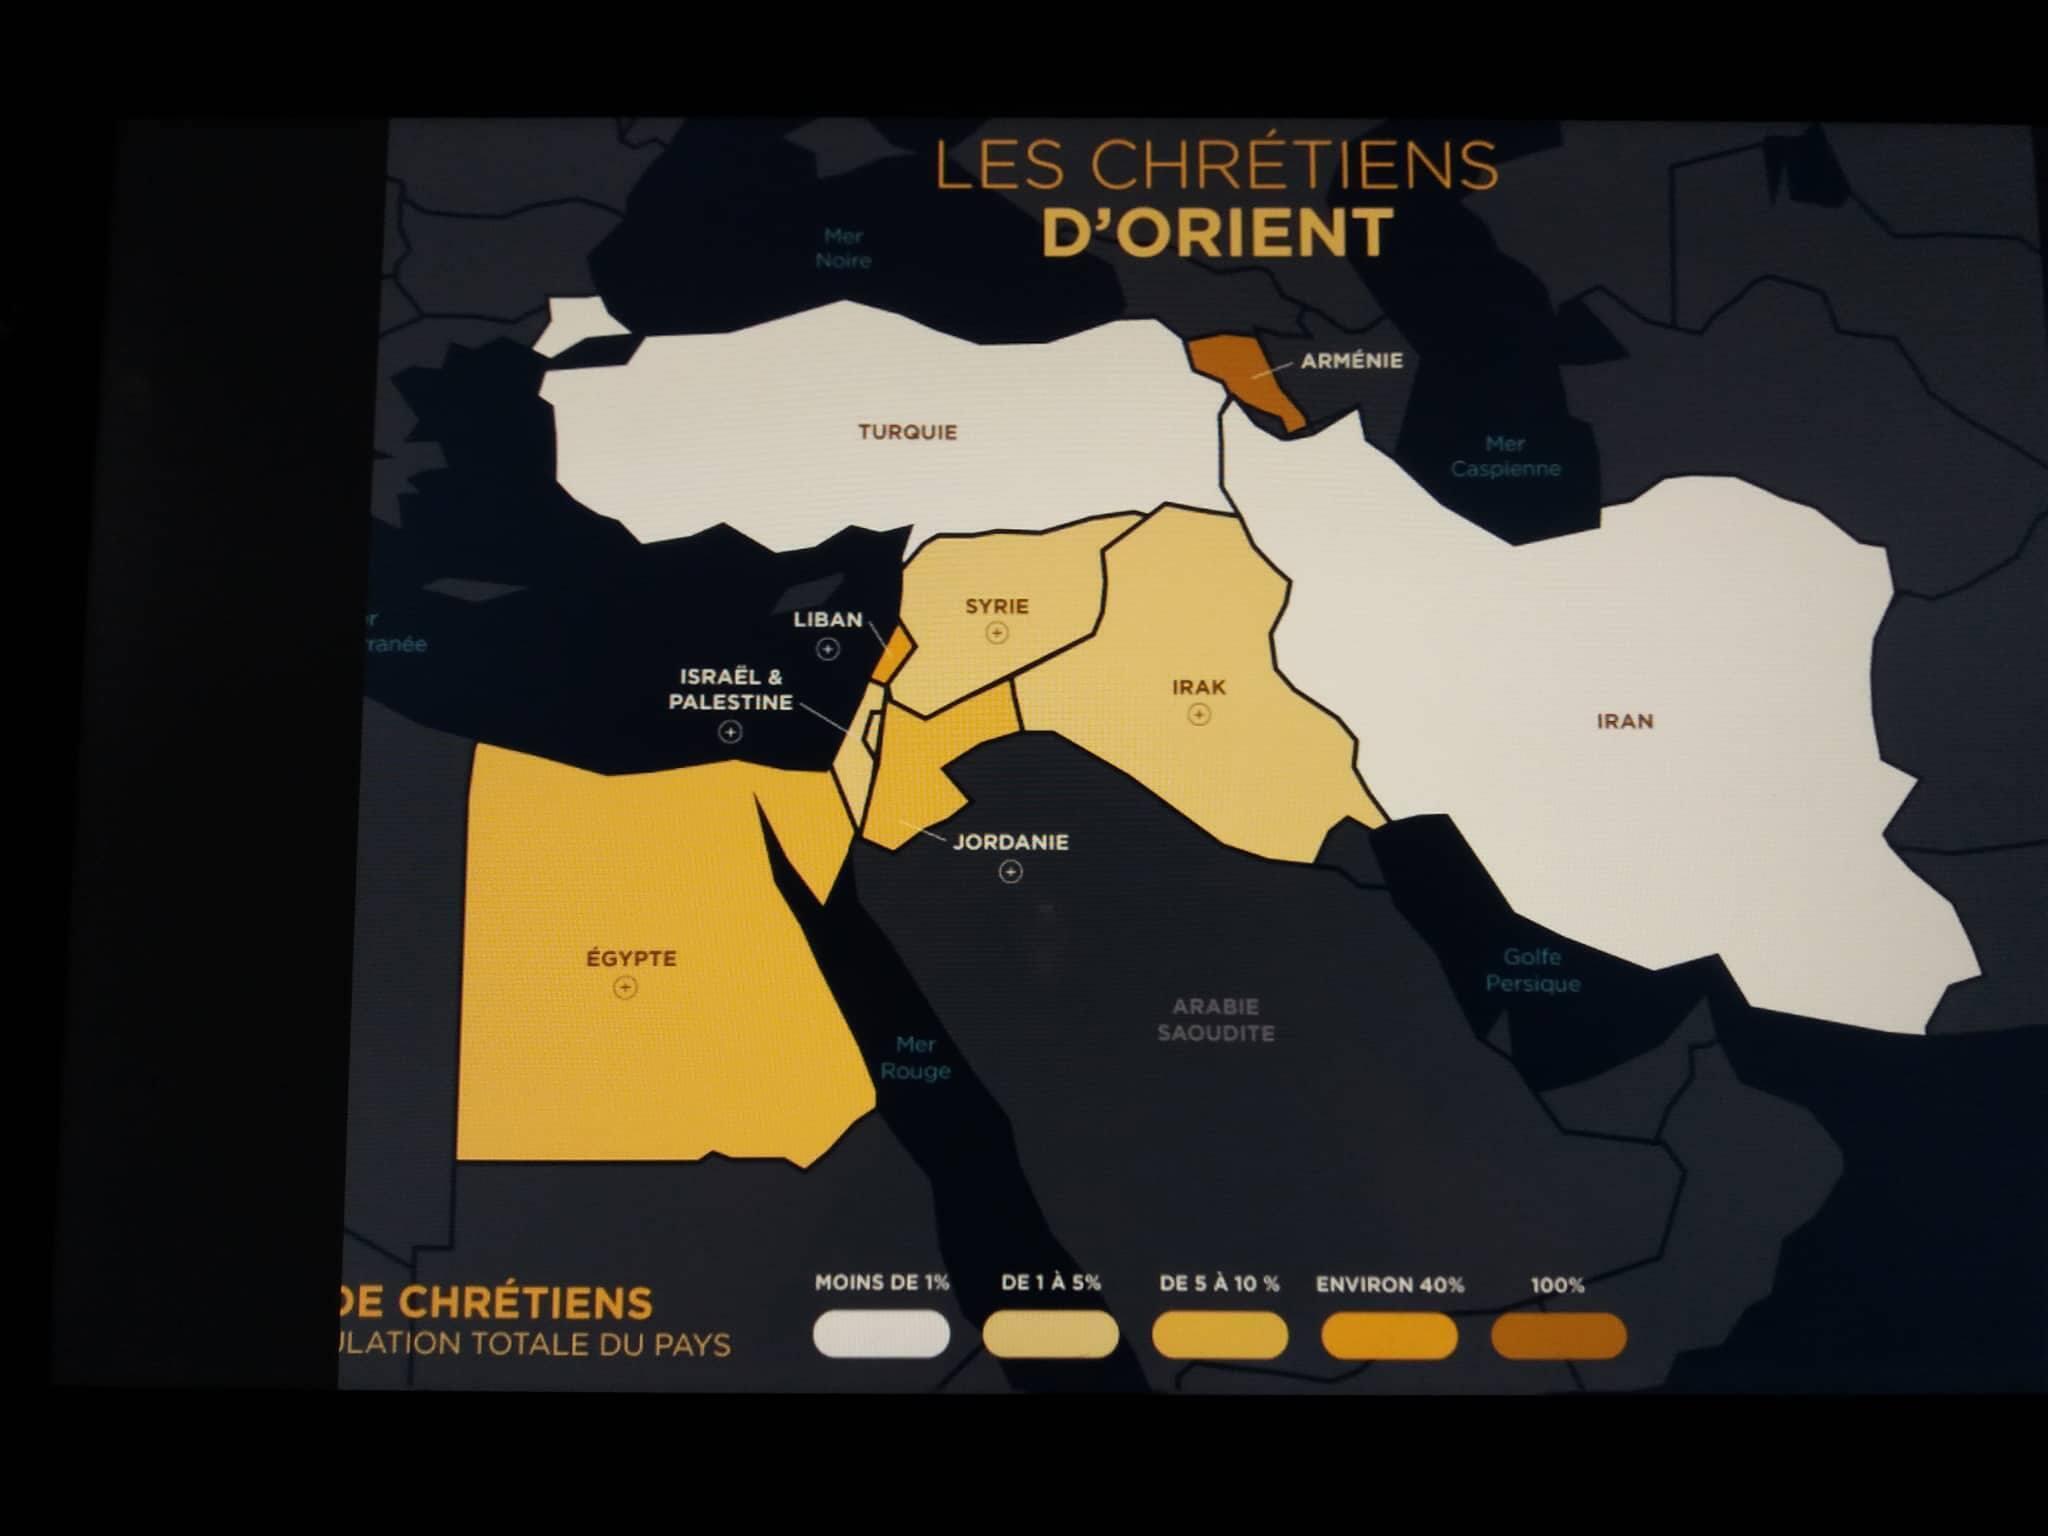 Карта, показывающая количество христиан на Ближнем Востоке.